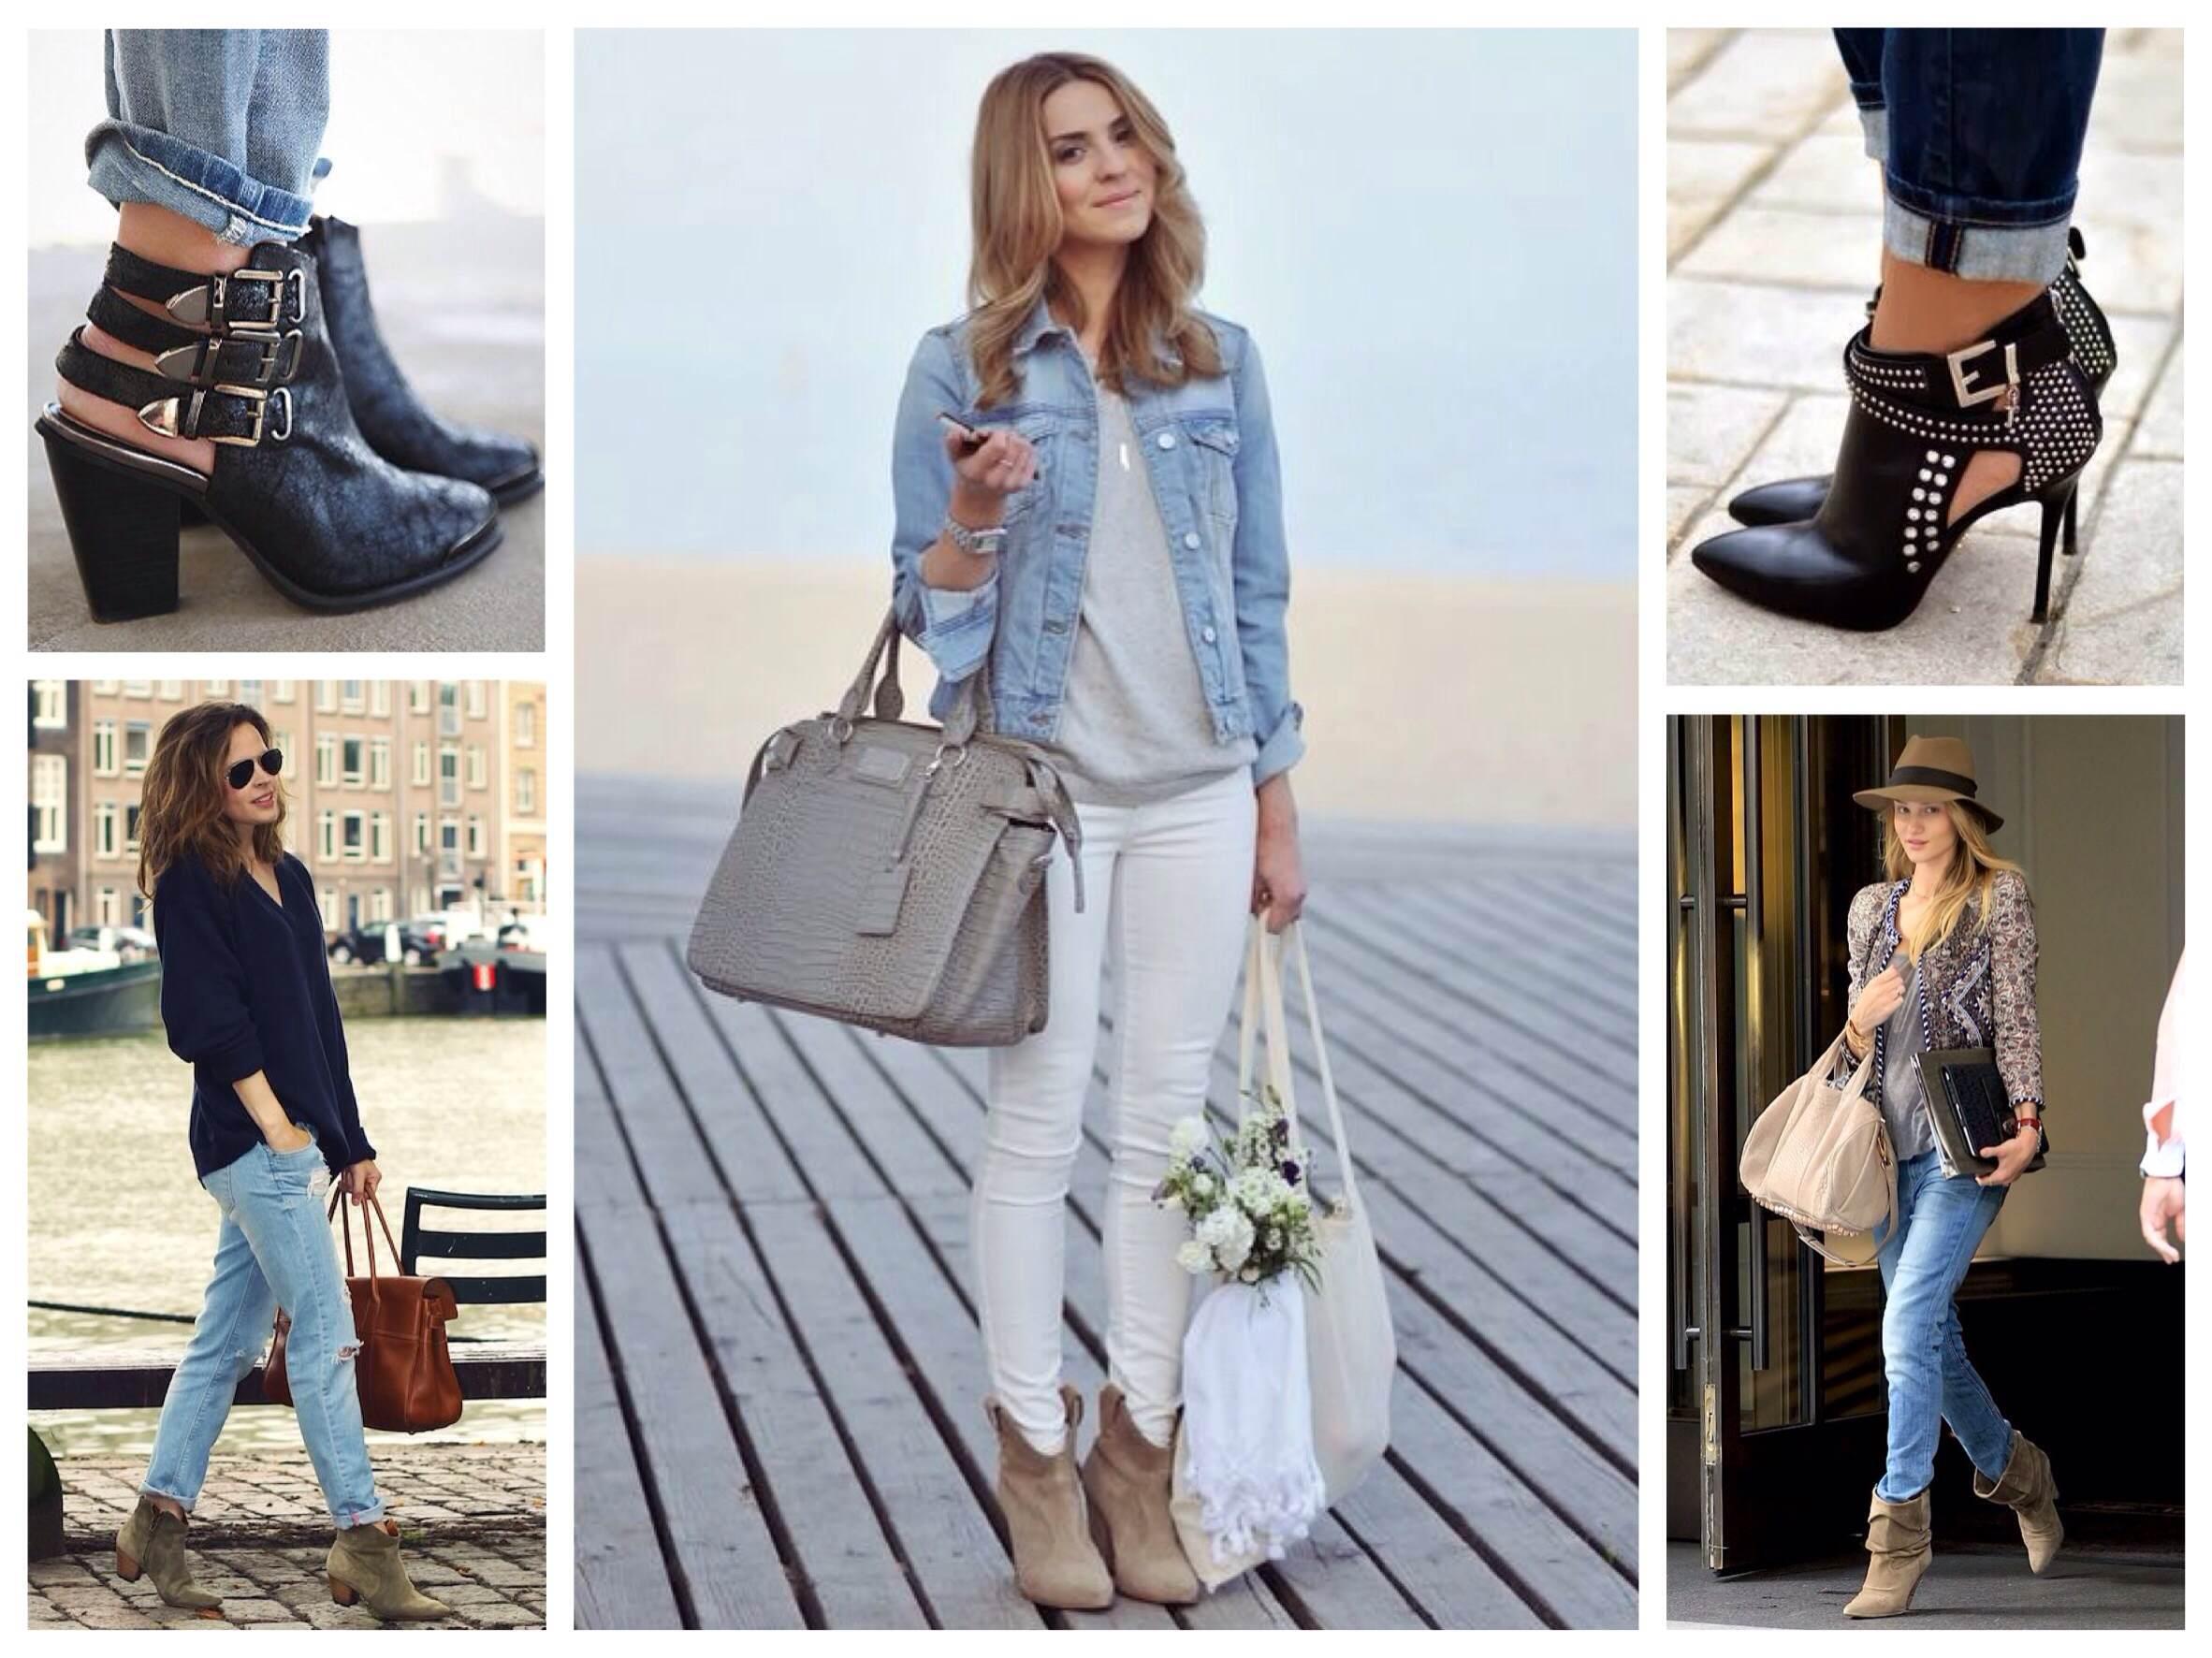 Ботильйони і черевики для джинсових комплектів e82d831abefcb